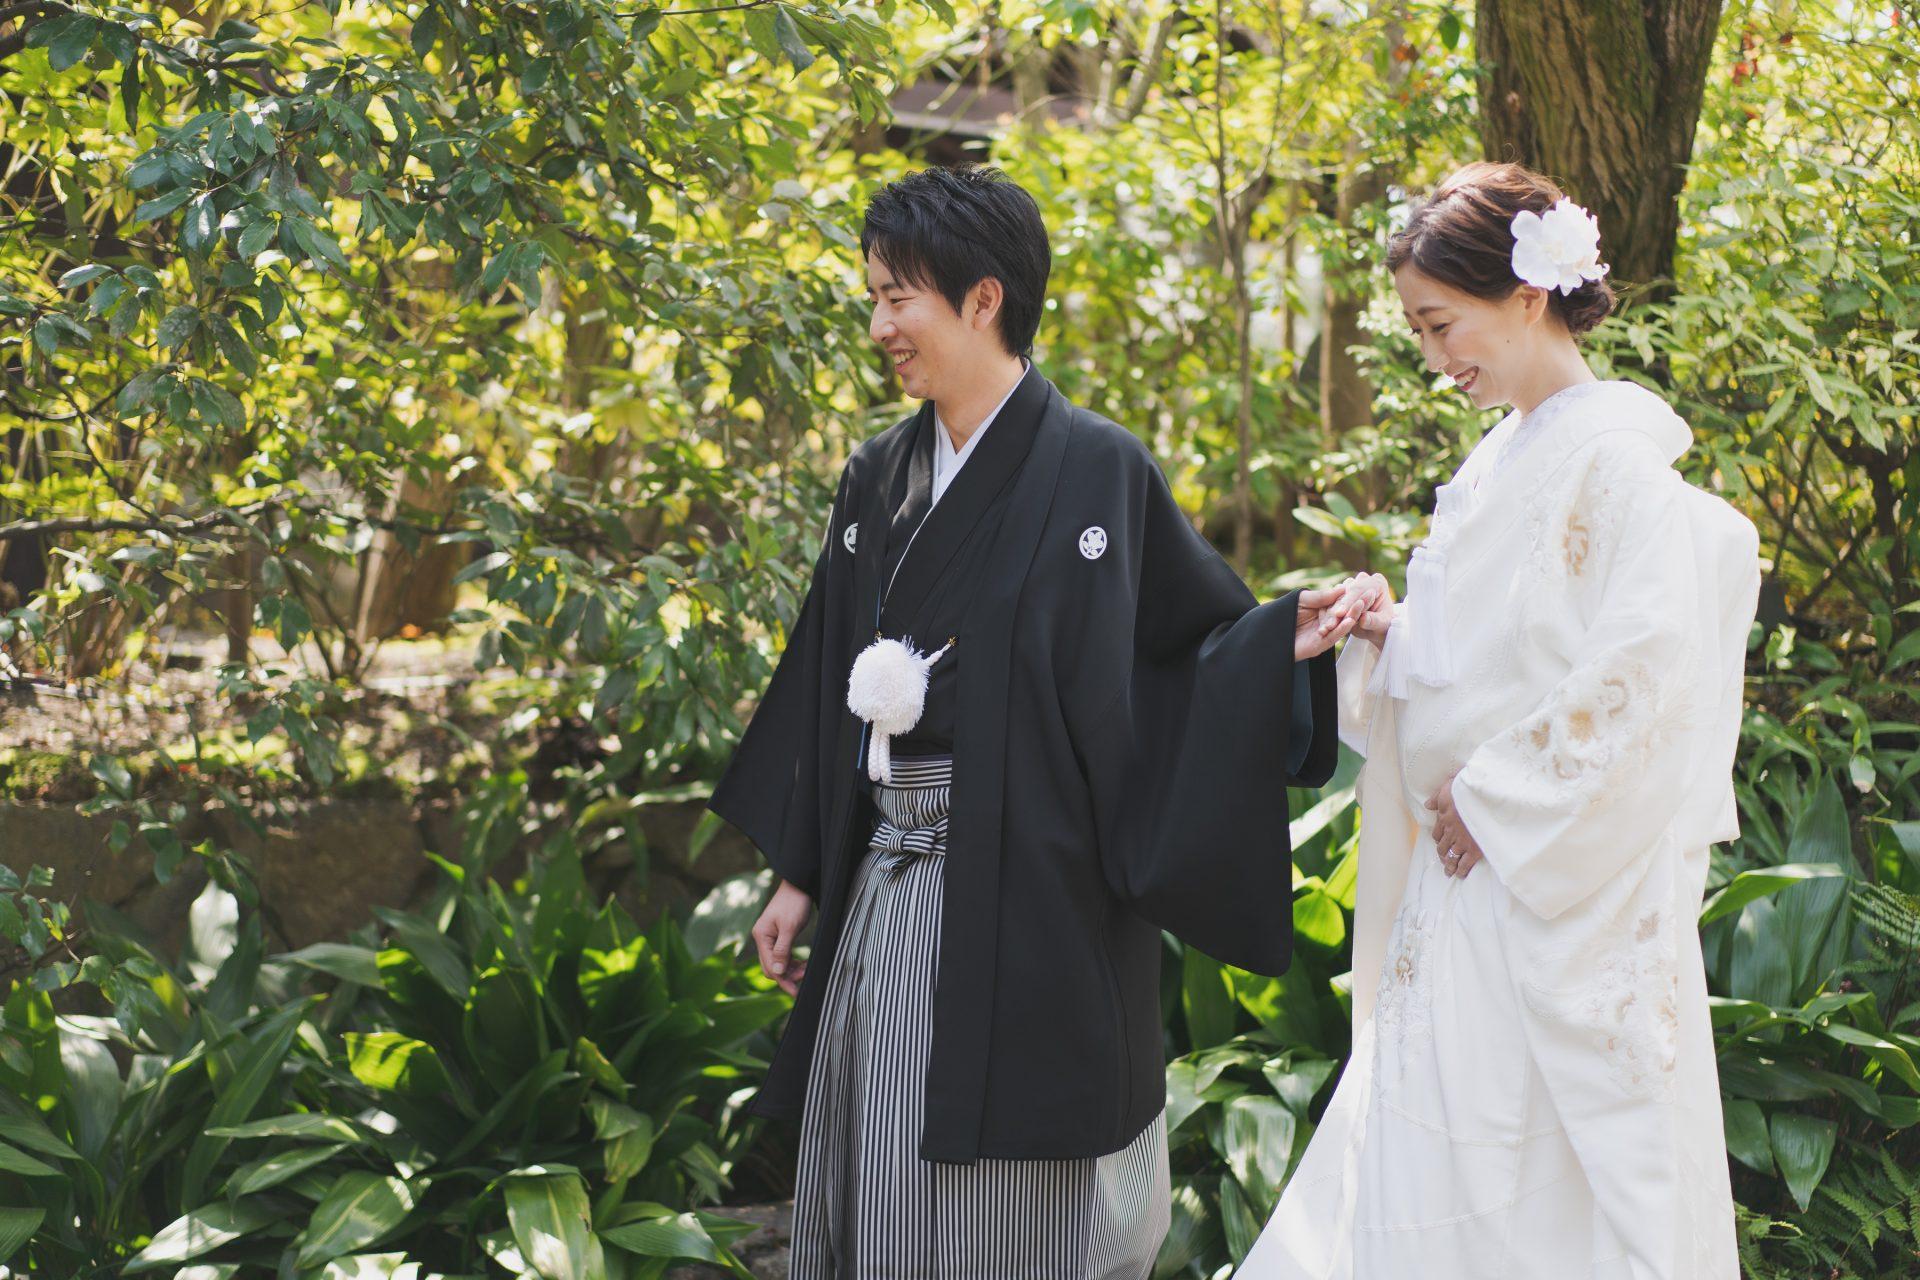 ザトリートドレッシングの上品な白無垢を着用された和モダンな京都の結婚式会場THE SODOH HIGASHIYAMAでの和装前撮り